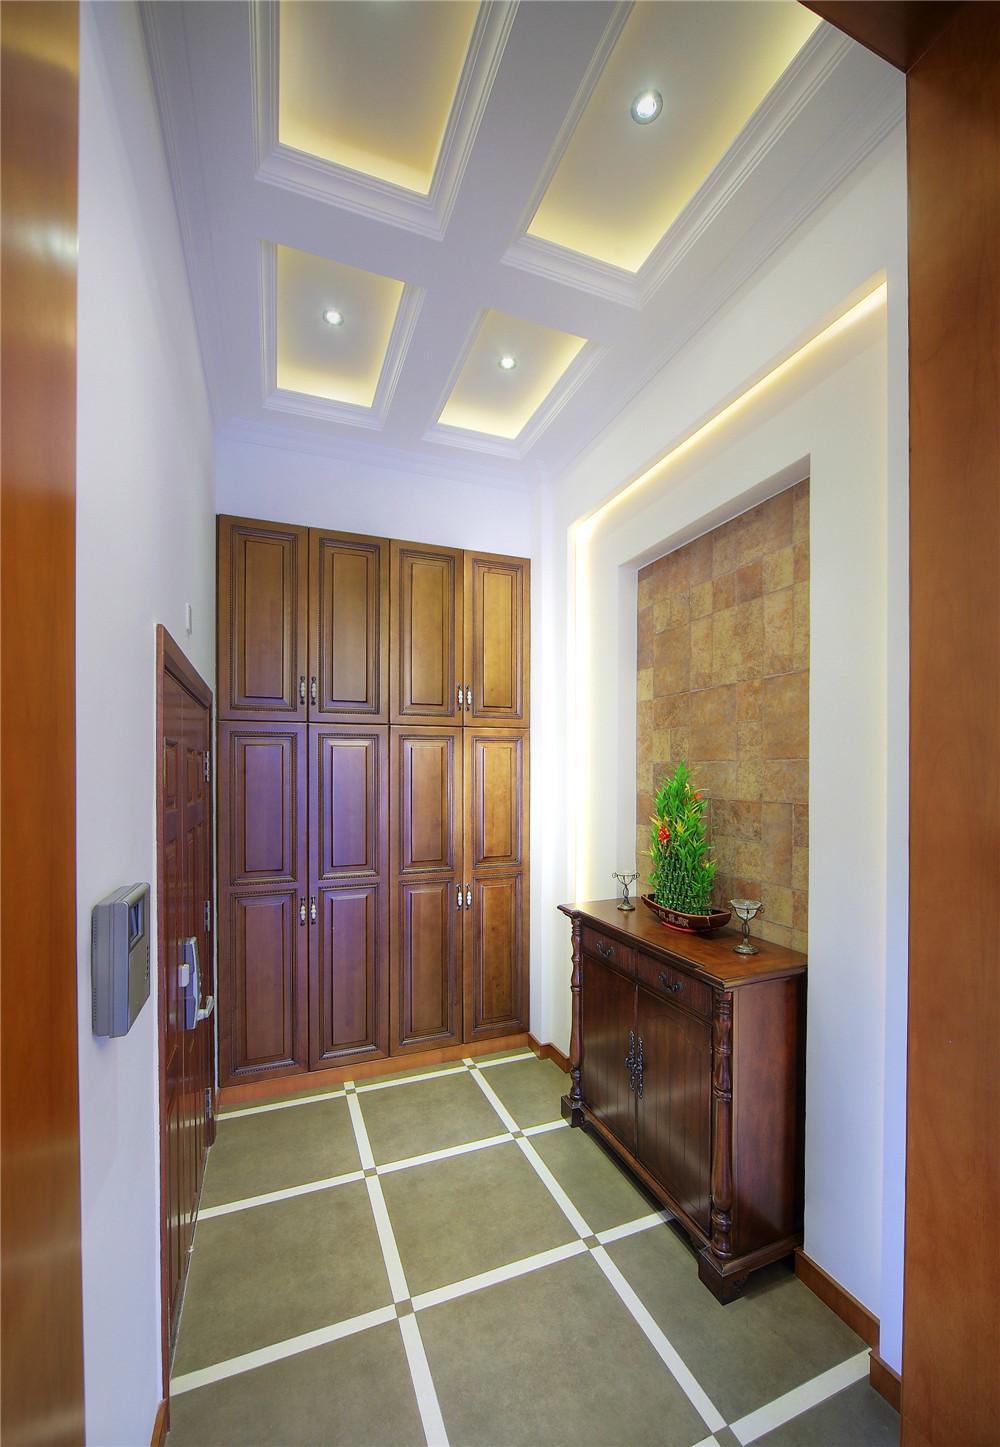 别墅 别墅装修 别墅设计 聚通装璜 欧美风格 玄关图片来自jtong0002在上海环球翡翠湾别墅装修实景展示的分享